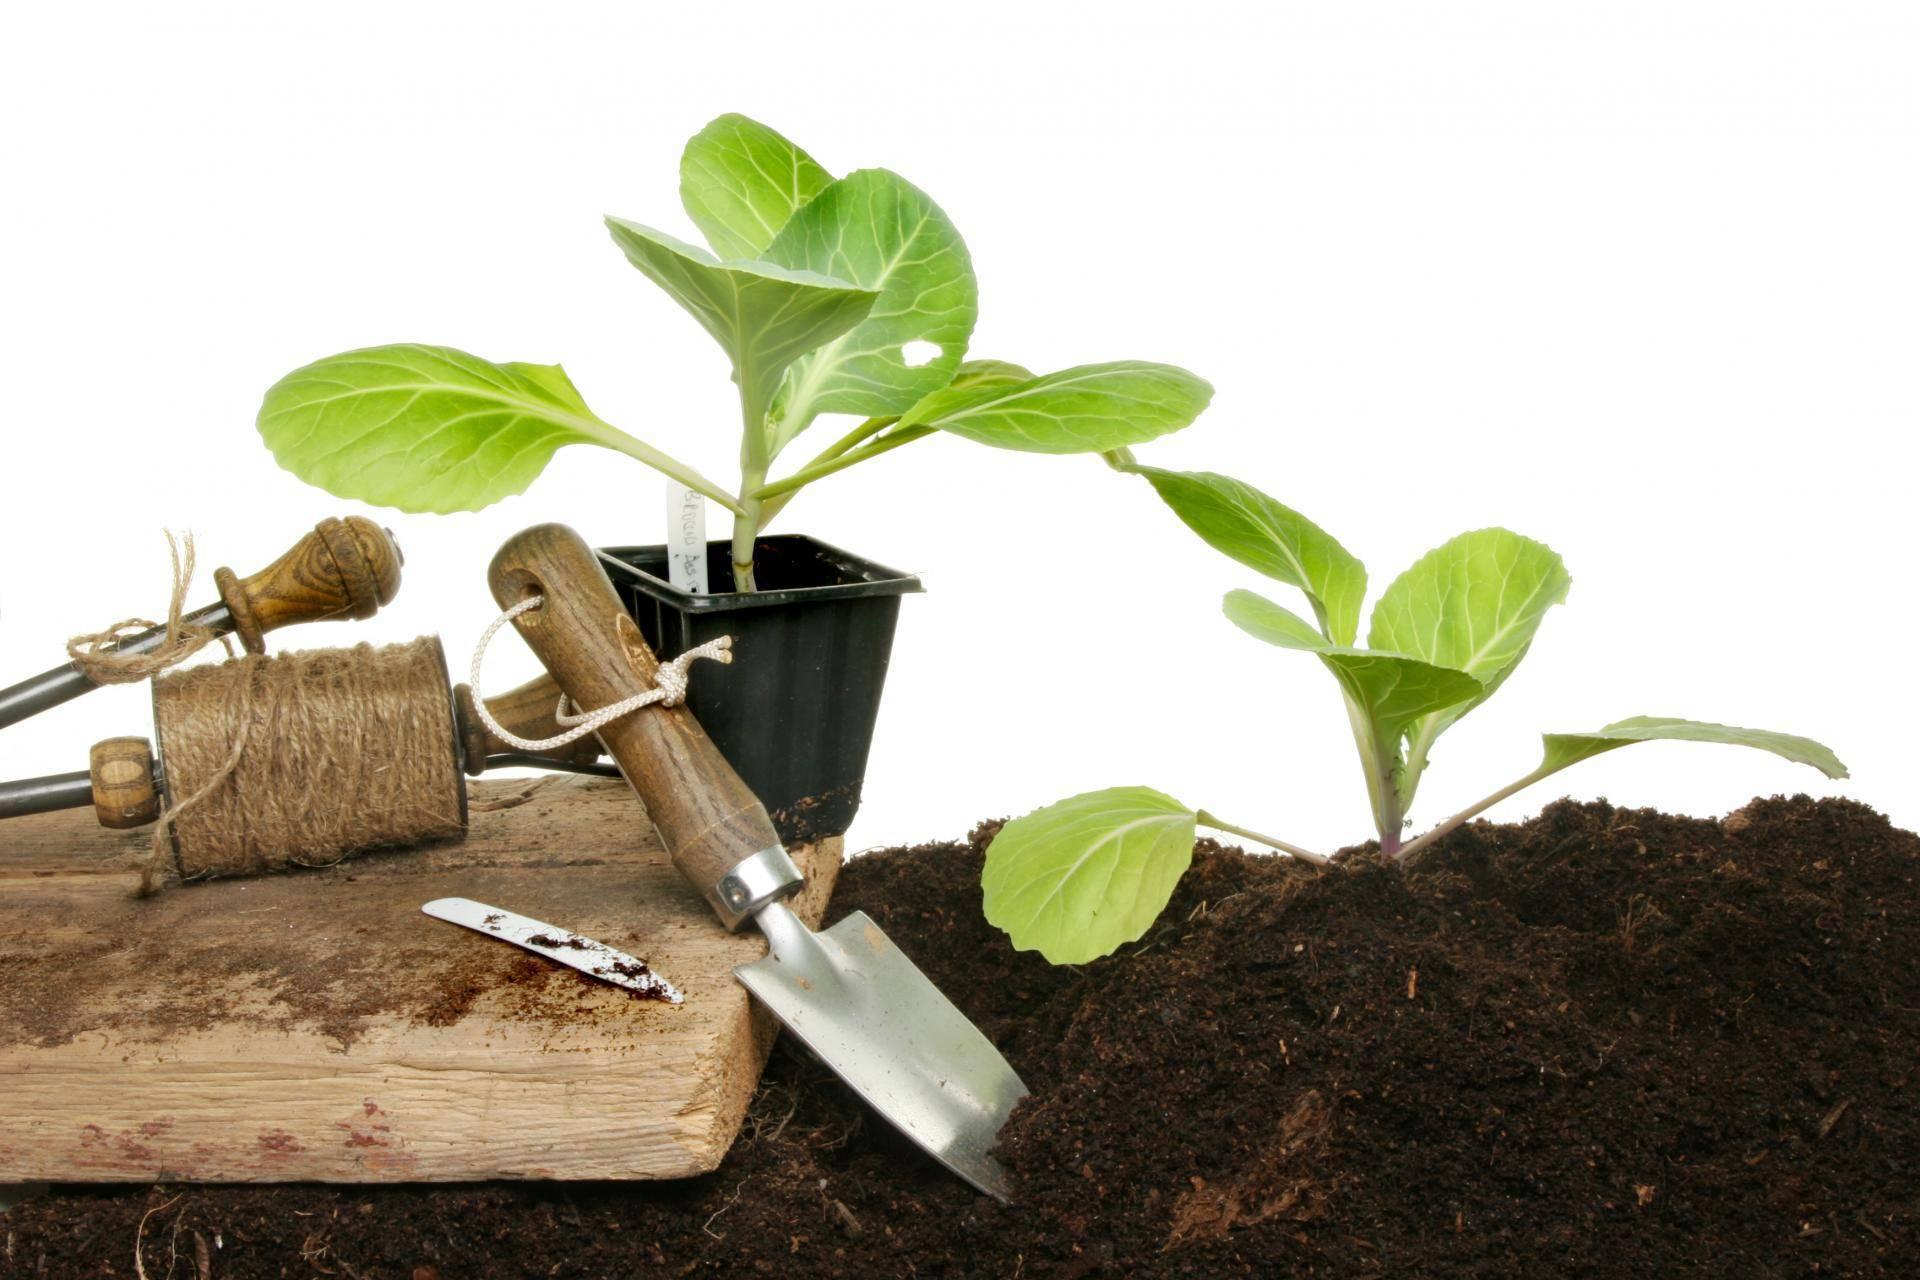 Сажаем капусту на рассаду: сроки посадки в зависимости от сорта